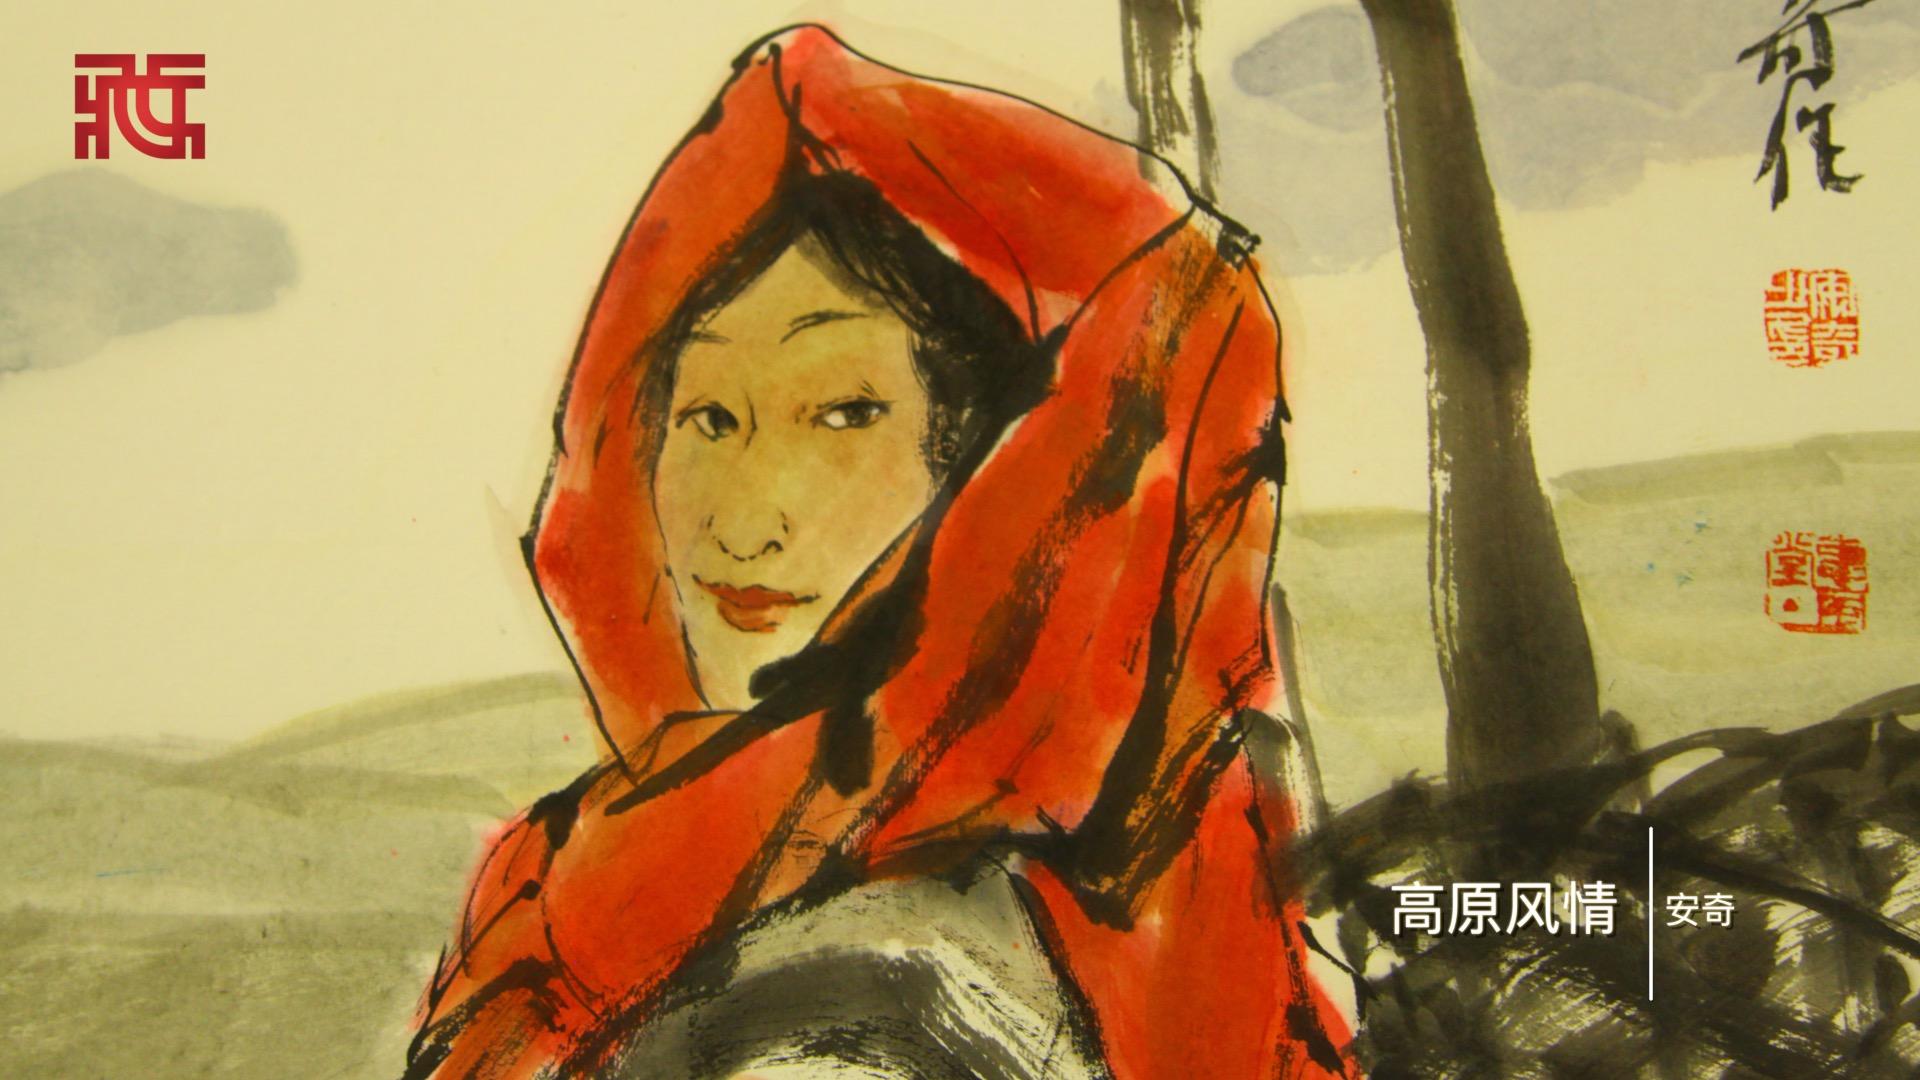 丝路绘画展于炎黄艺术馆展出